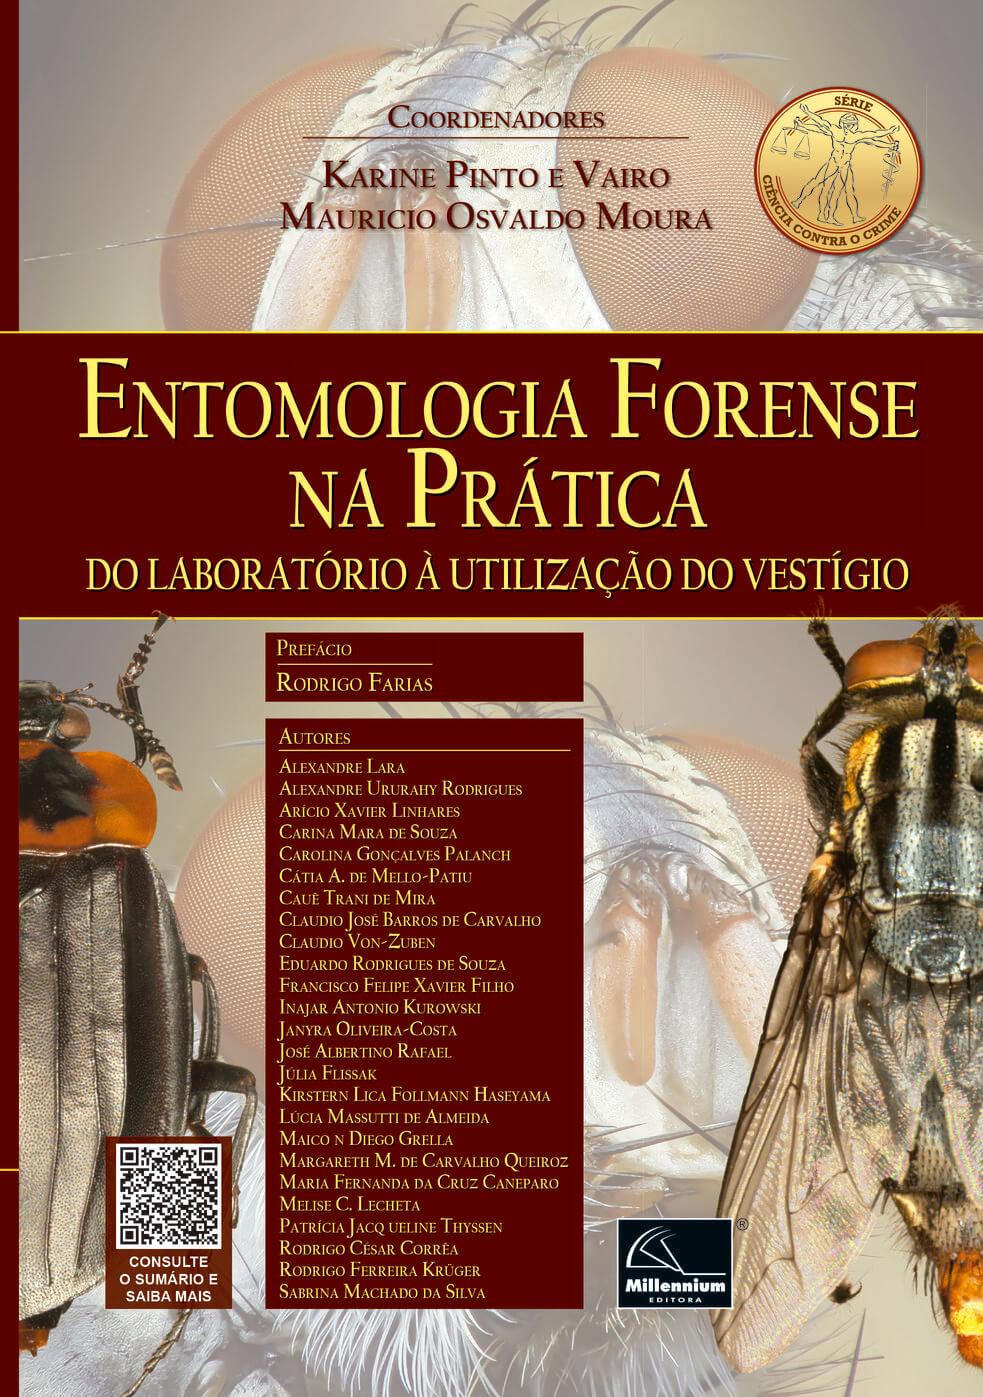 Entomologia Forense na Prática – Do laboratório à utilização do vestígio  - Millennium Editora - Livros de Perícia